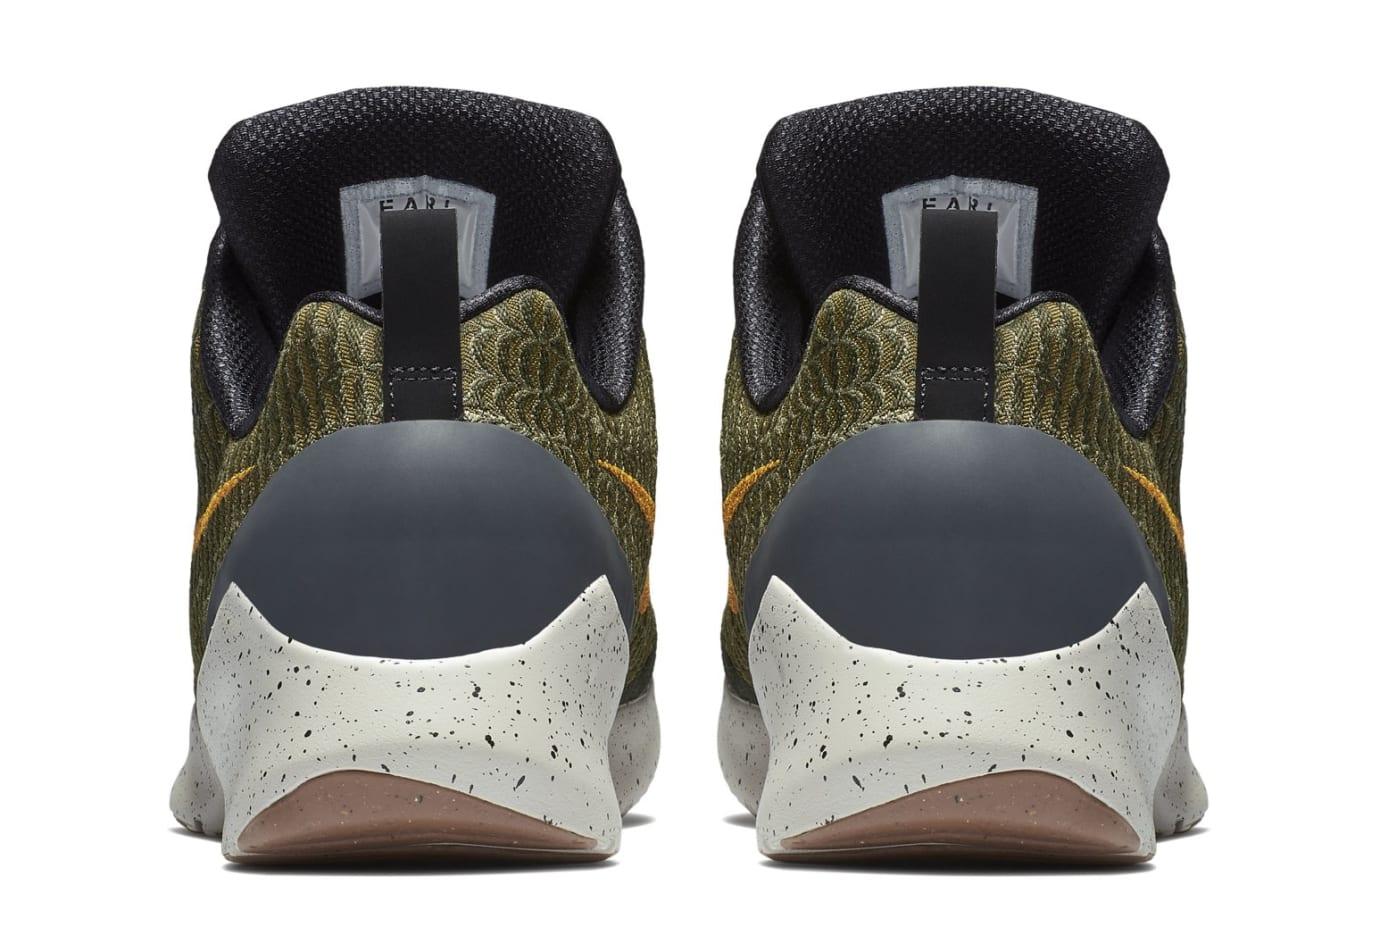 Nike HyperAdapt 1.0 'Olive Flak/Orange Peel' 843871-300 (Heel)